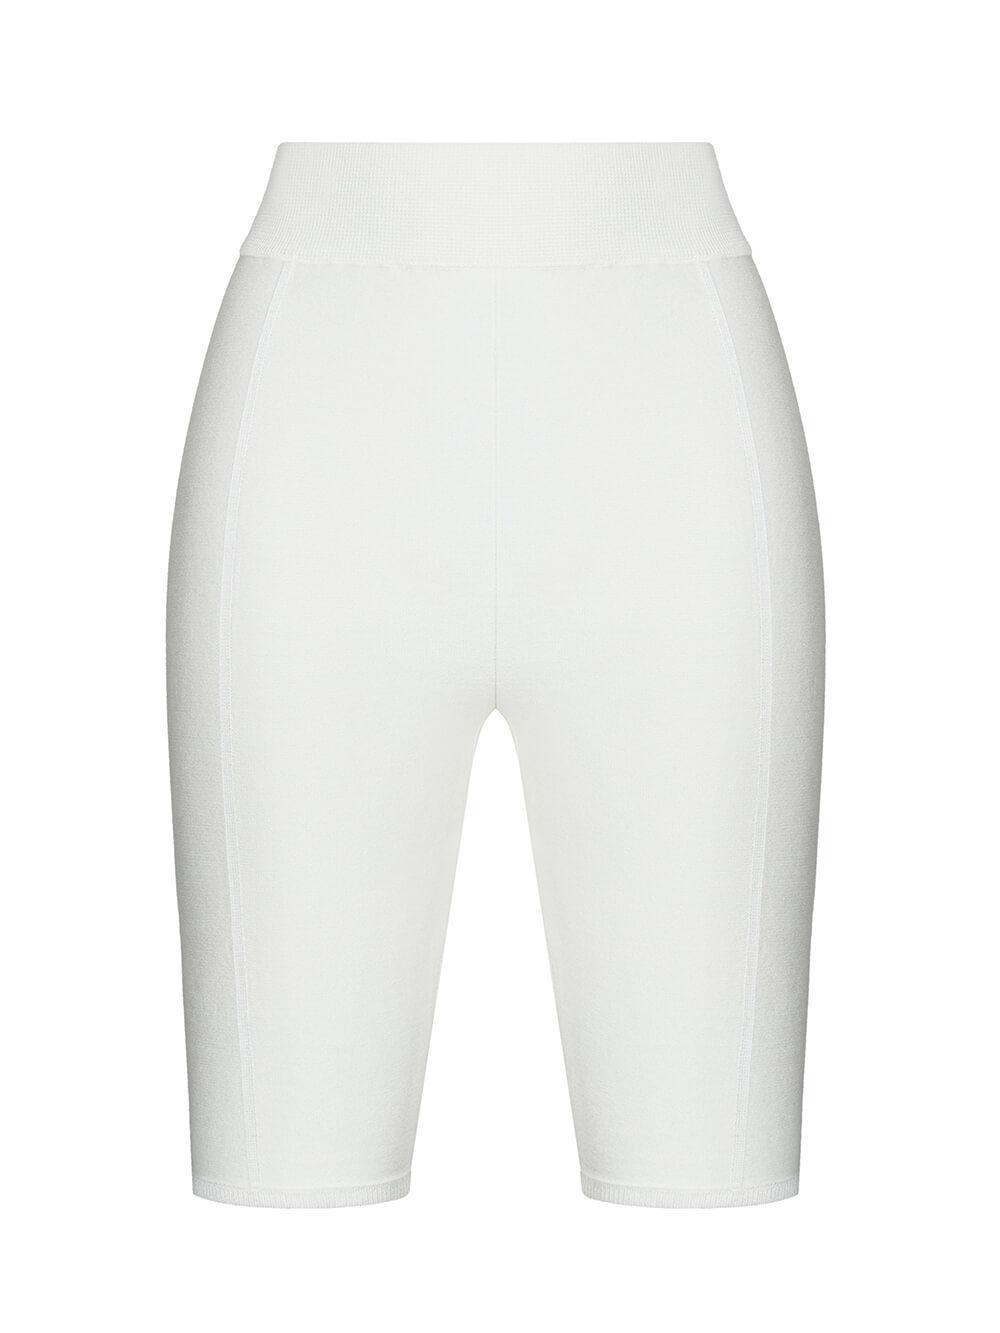 Женские шорты молочного цвета из 100% шелка - фото 1